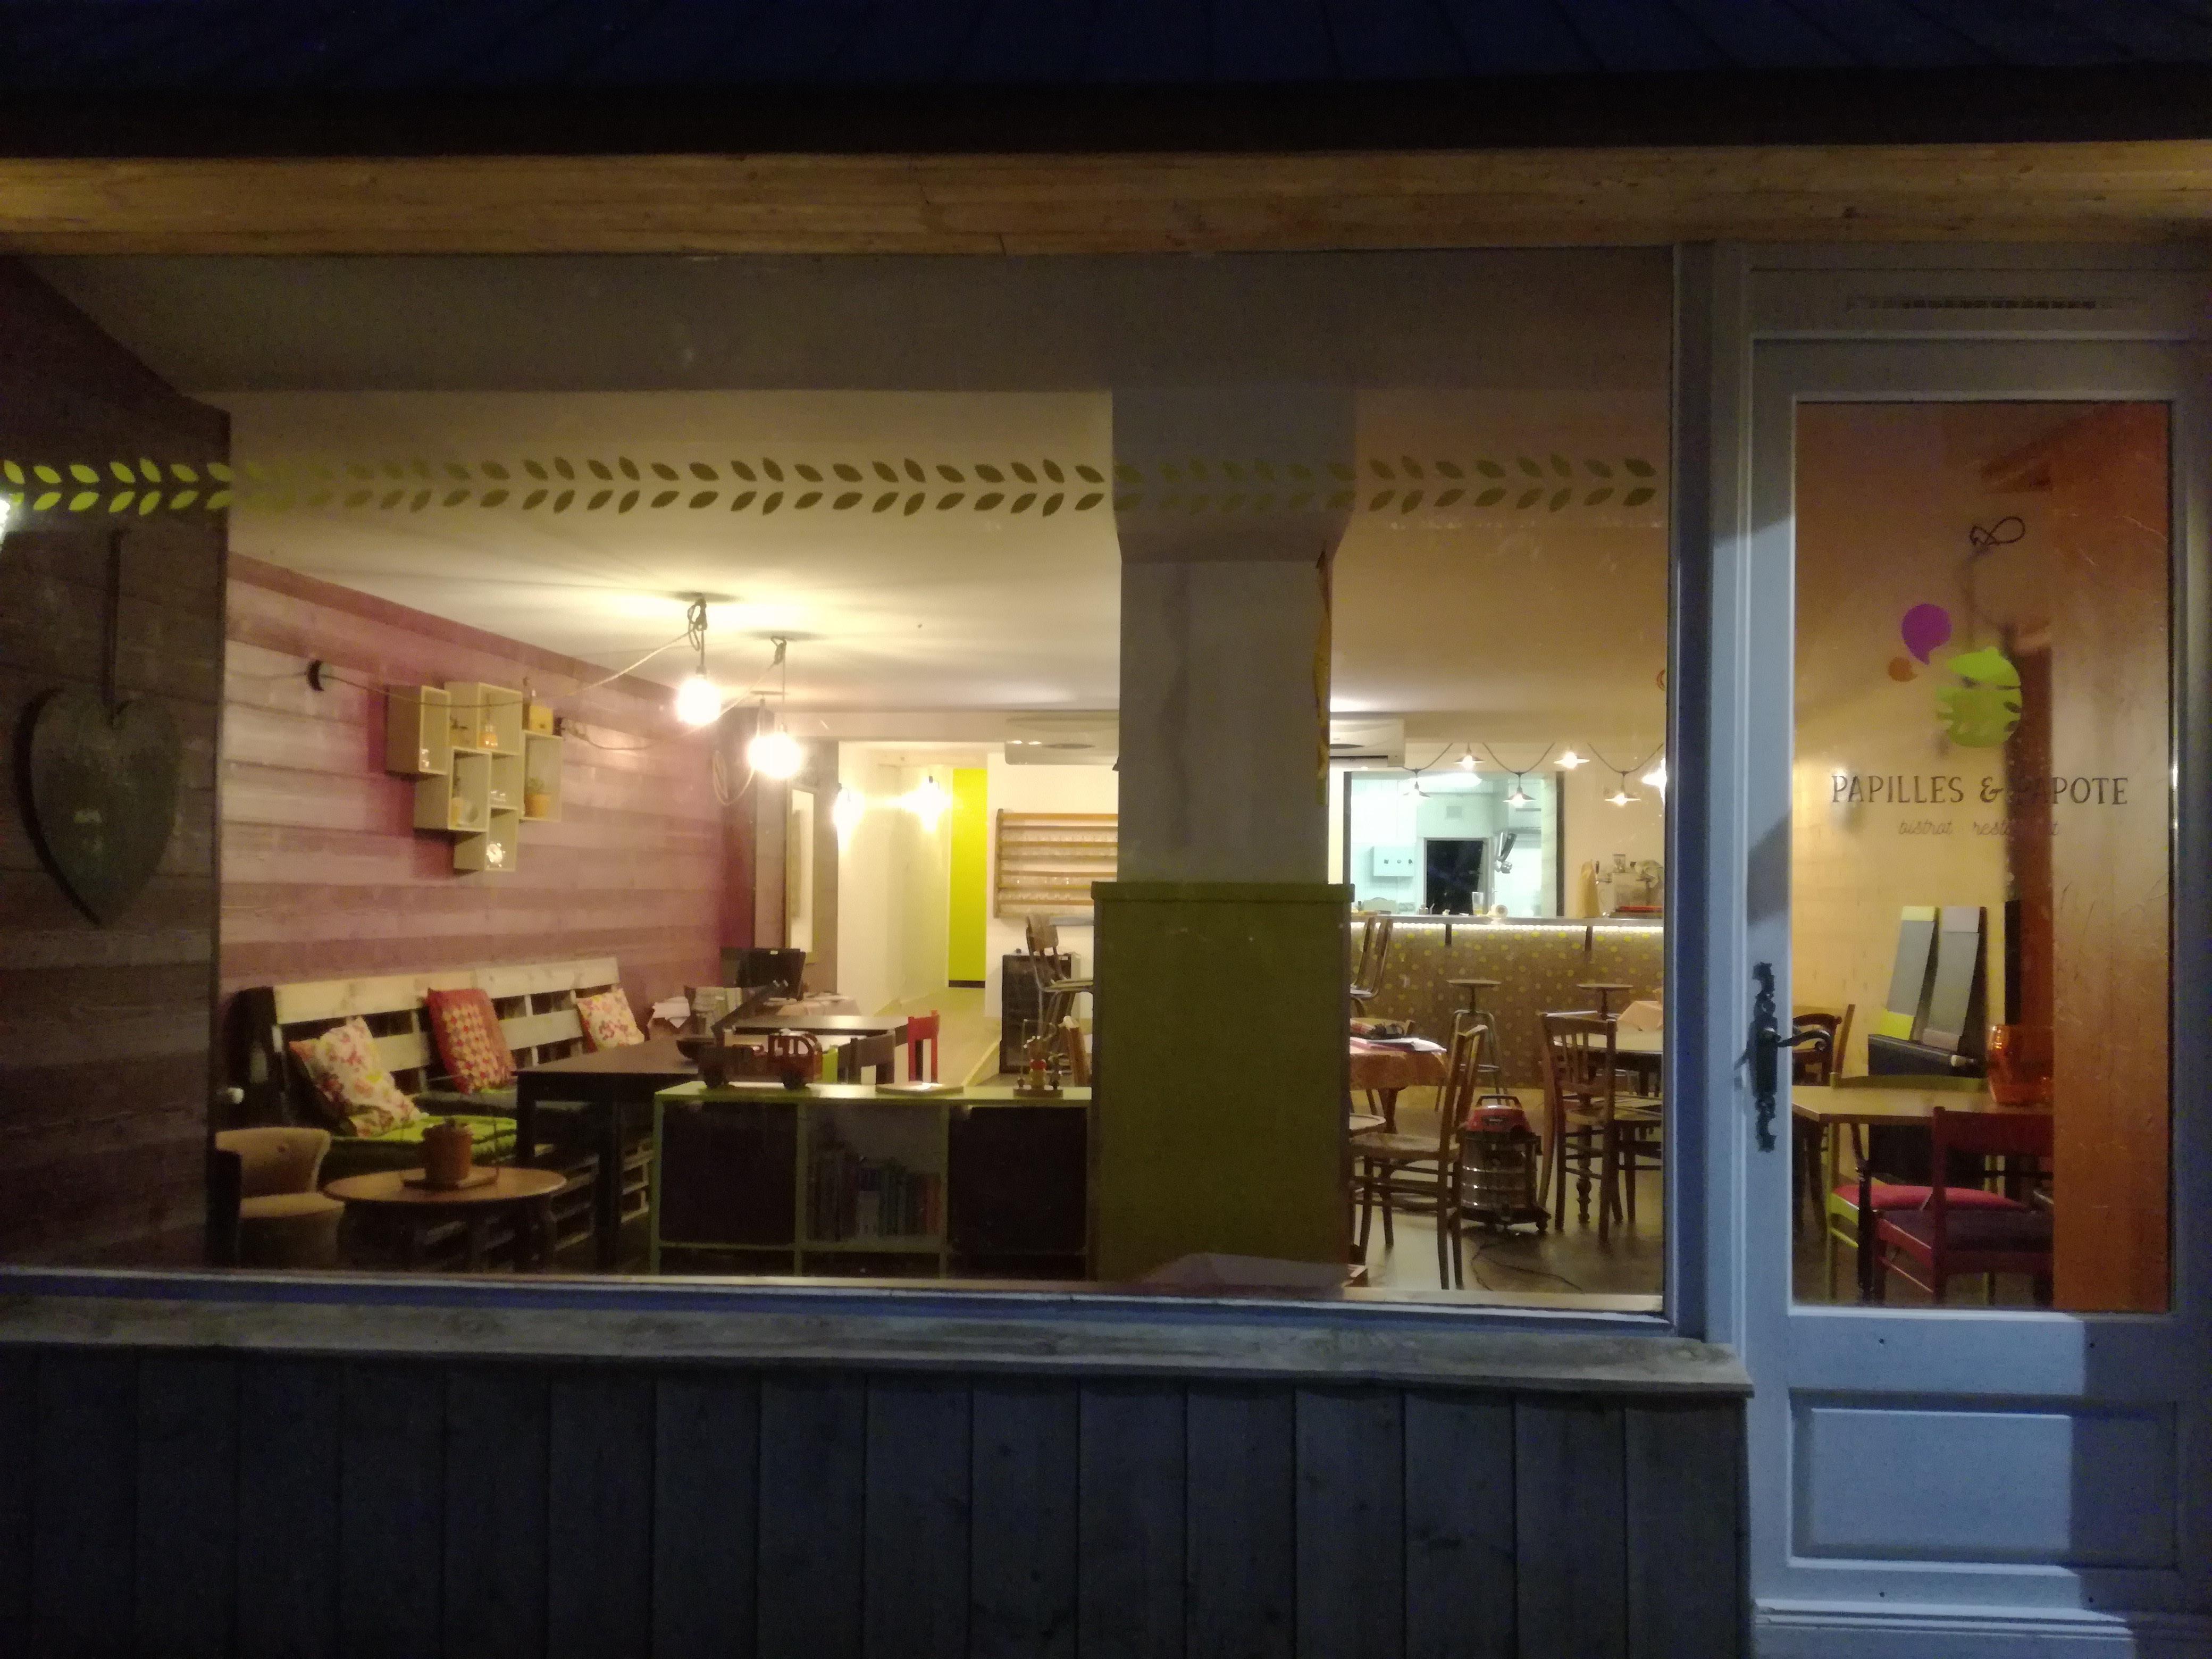 [OFFRE EMPLOI] Le Restaurant De GRAP Papilles Et Papote Recrute Un·e Cuisinier·e (Entre -deux-guiers, 38)